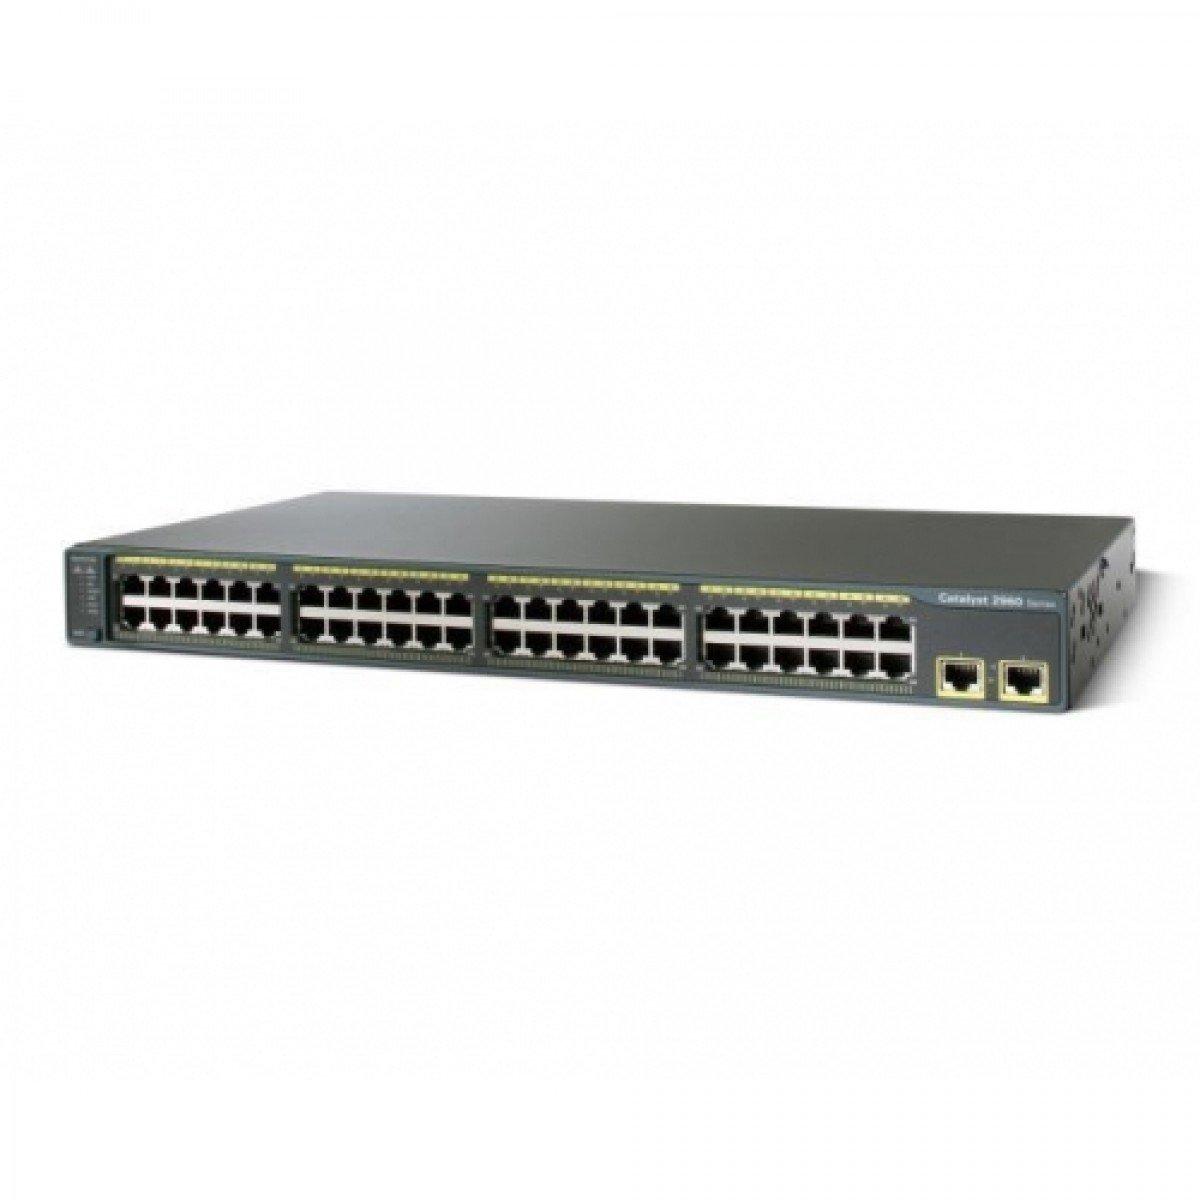 Cisco WS-C2960-48TT-L 2960 48 Port 10/100 Catalyst Switch by Cisco